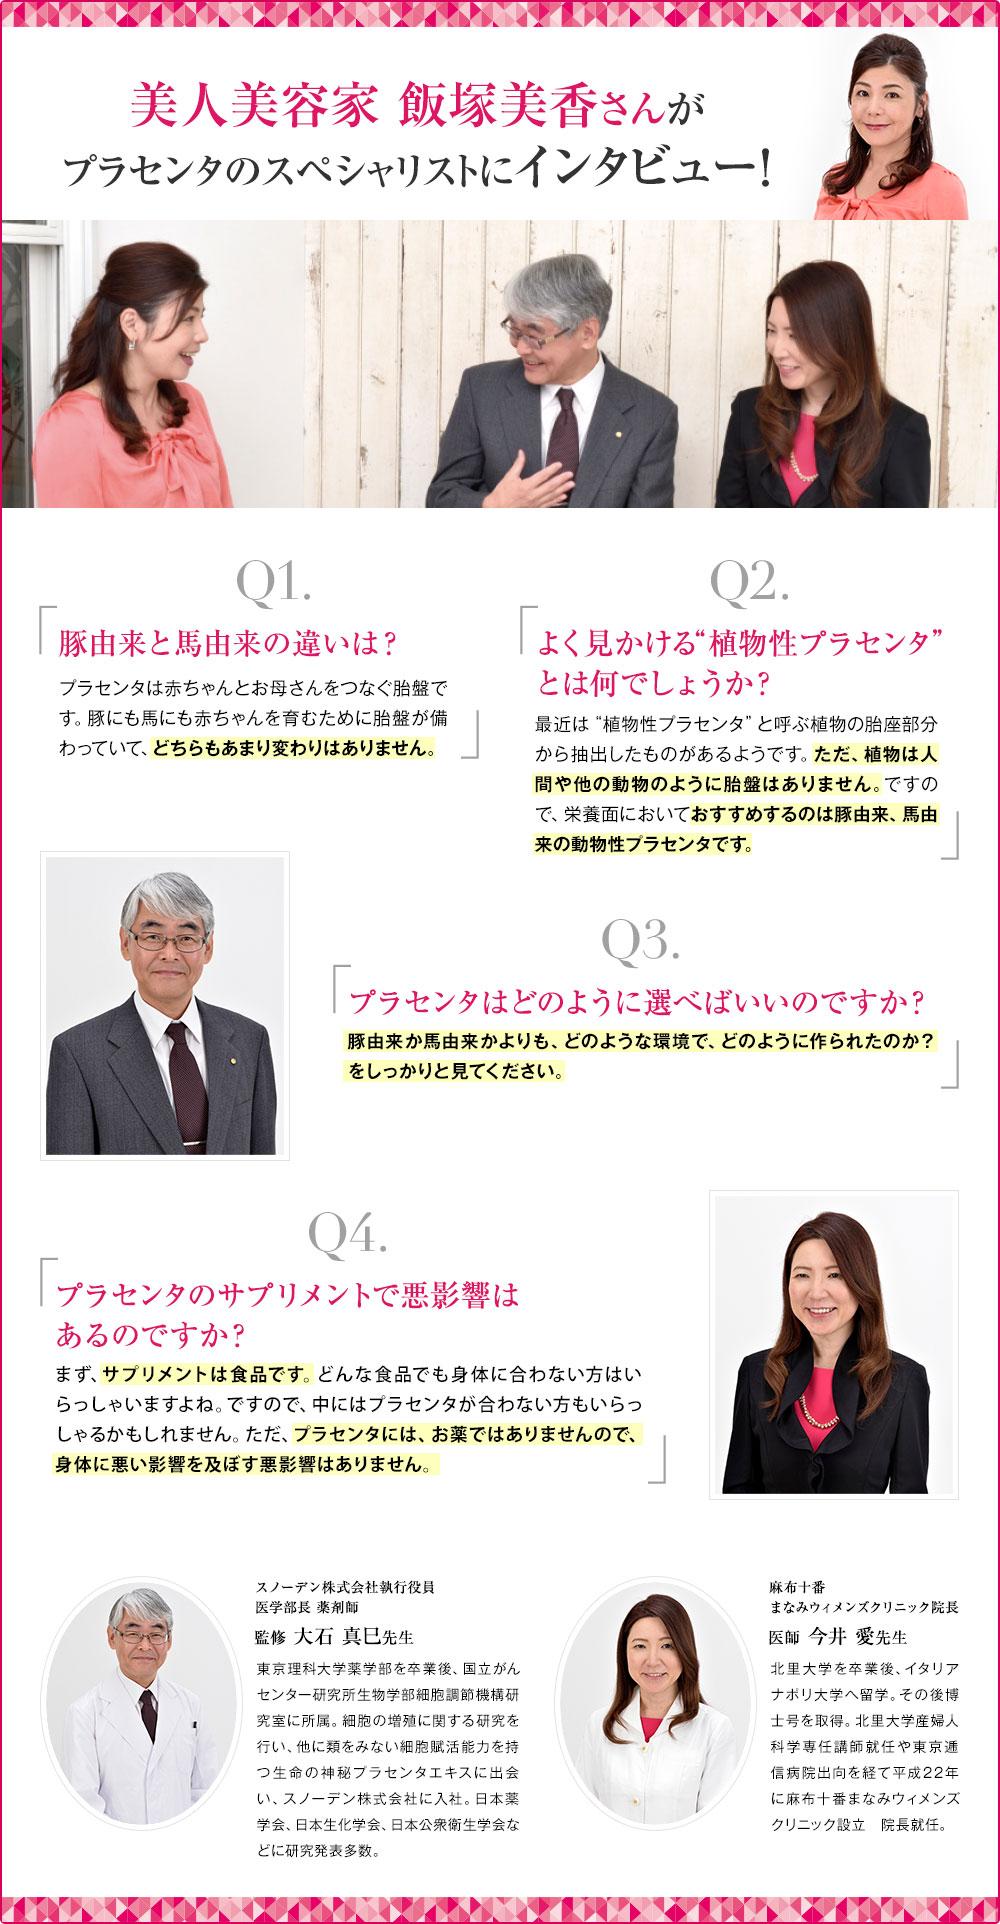 美人美容家 飯塚美香さんがプラセンタのスペシャリストにインタビュー!